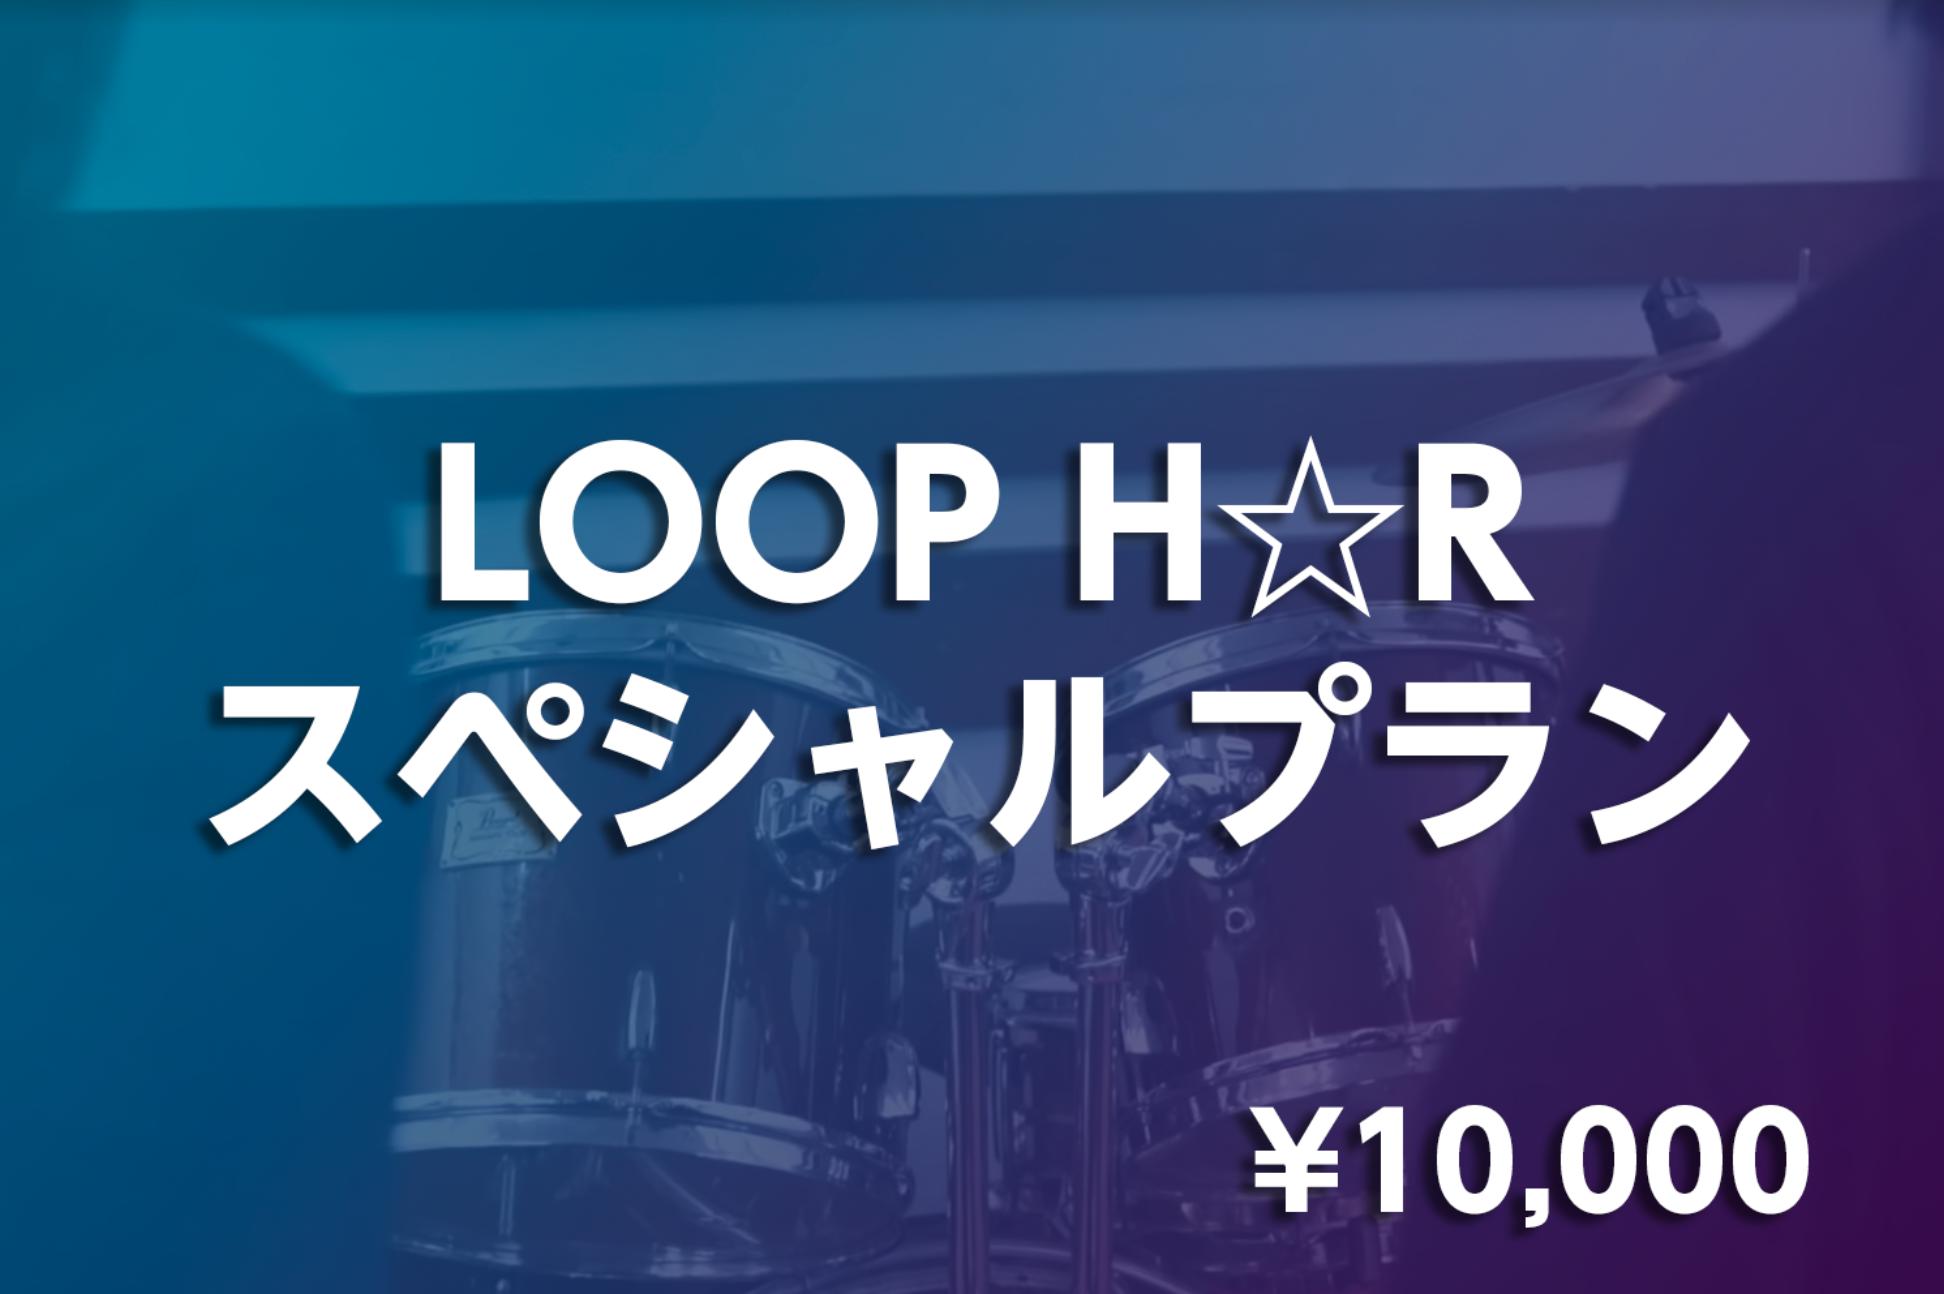 <LOOP H☆R スペシャル プラン>